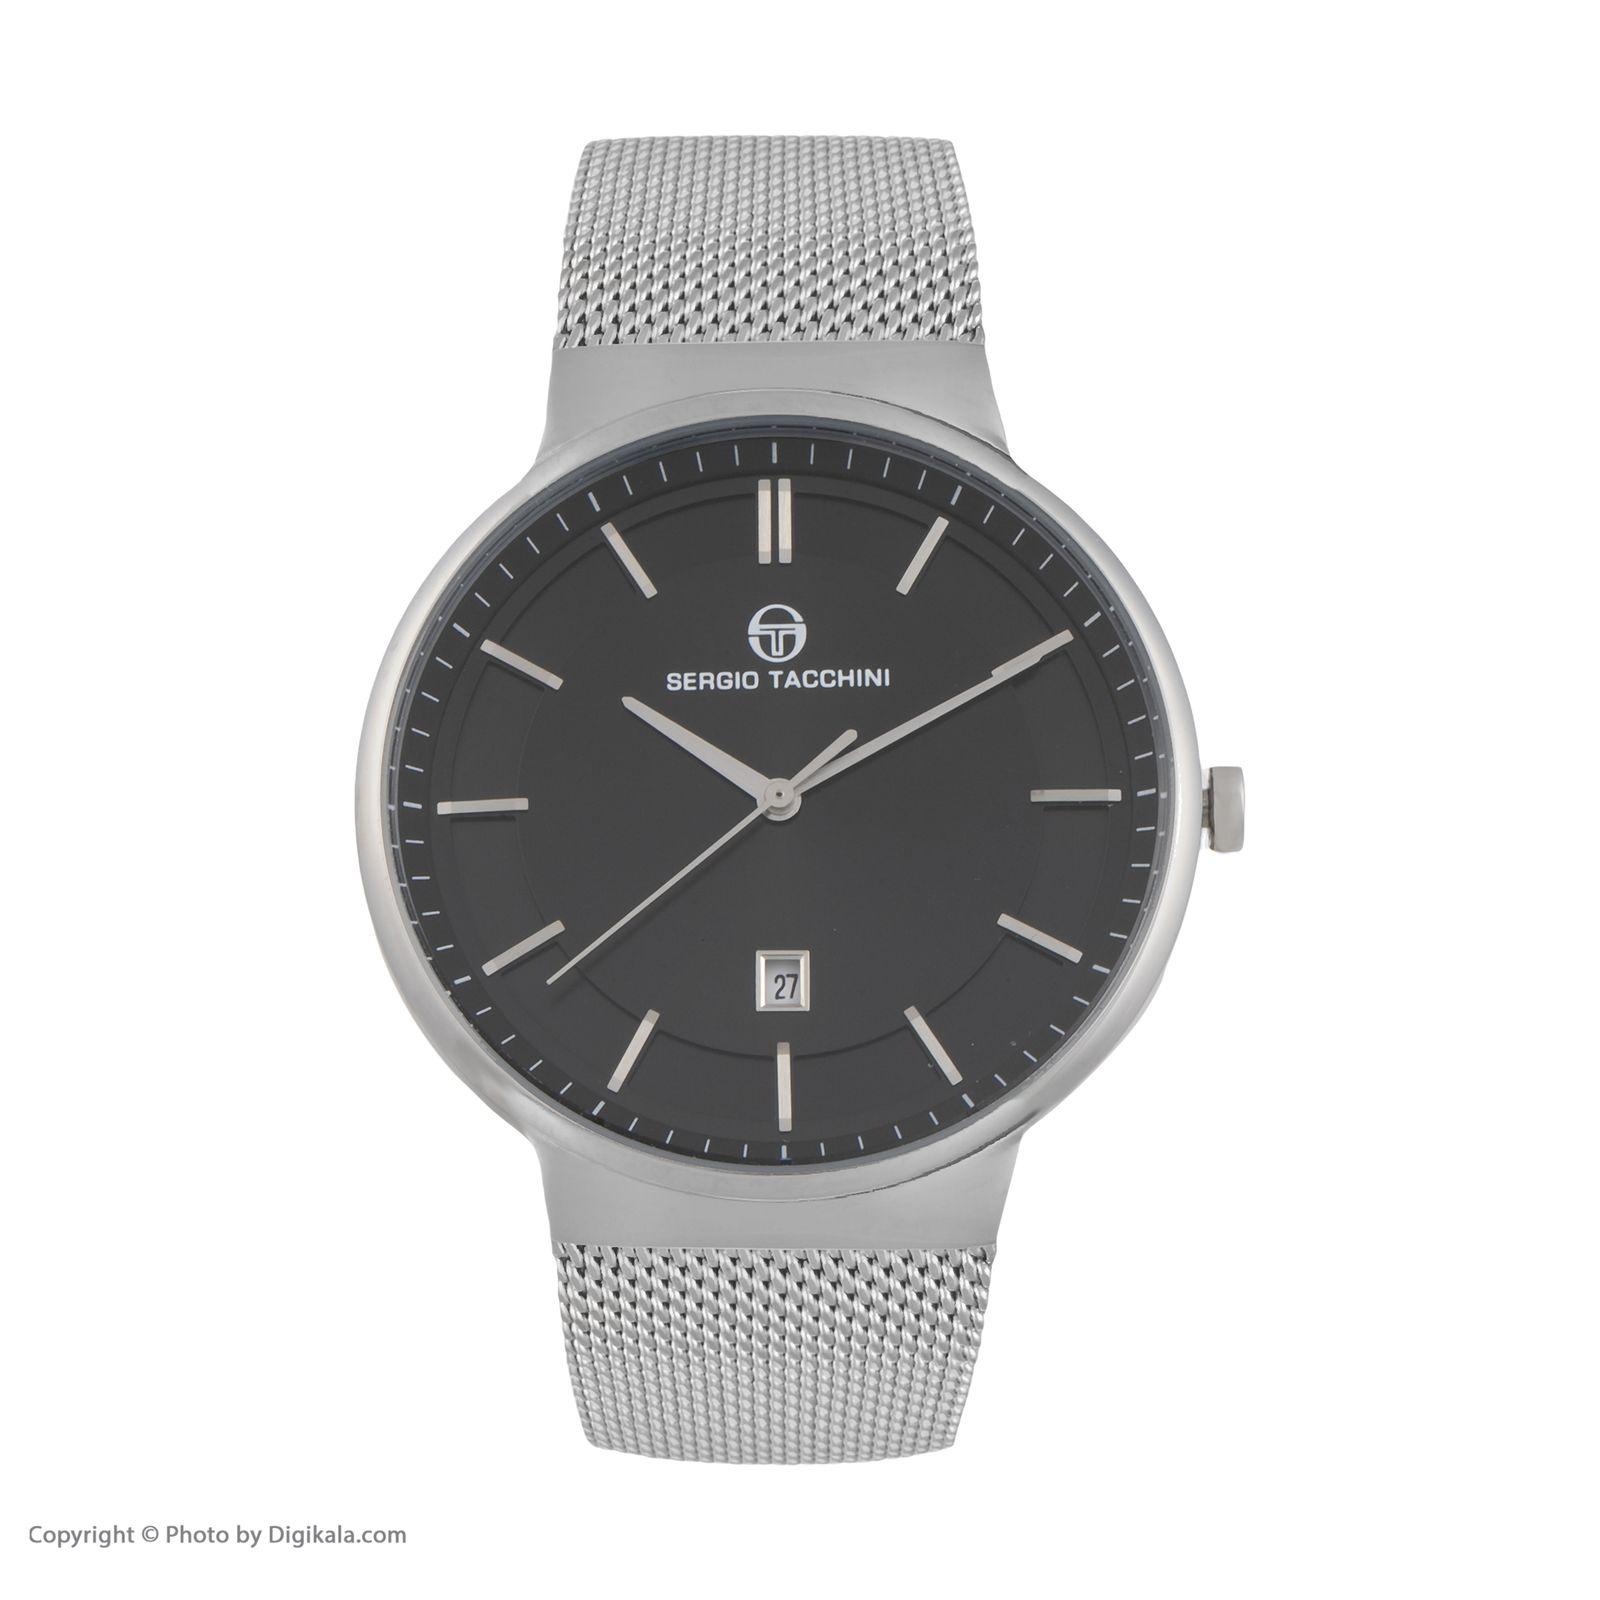 ساعت مچی عقربه ای مردانه سرجیو تاچینی مدل ST.2.115.02 -  - 1